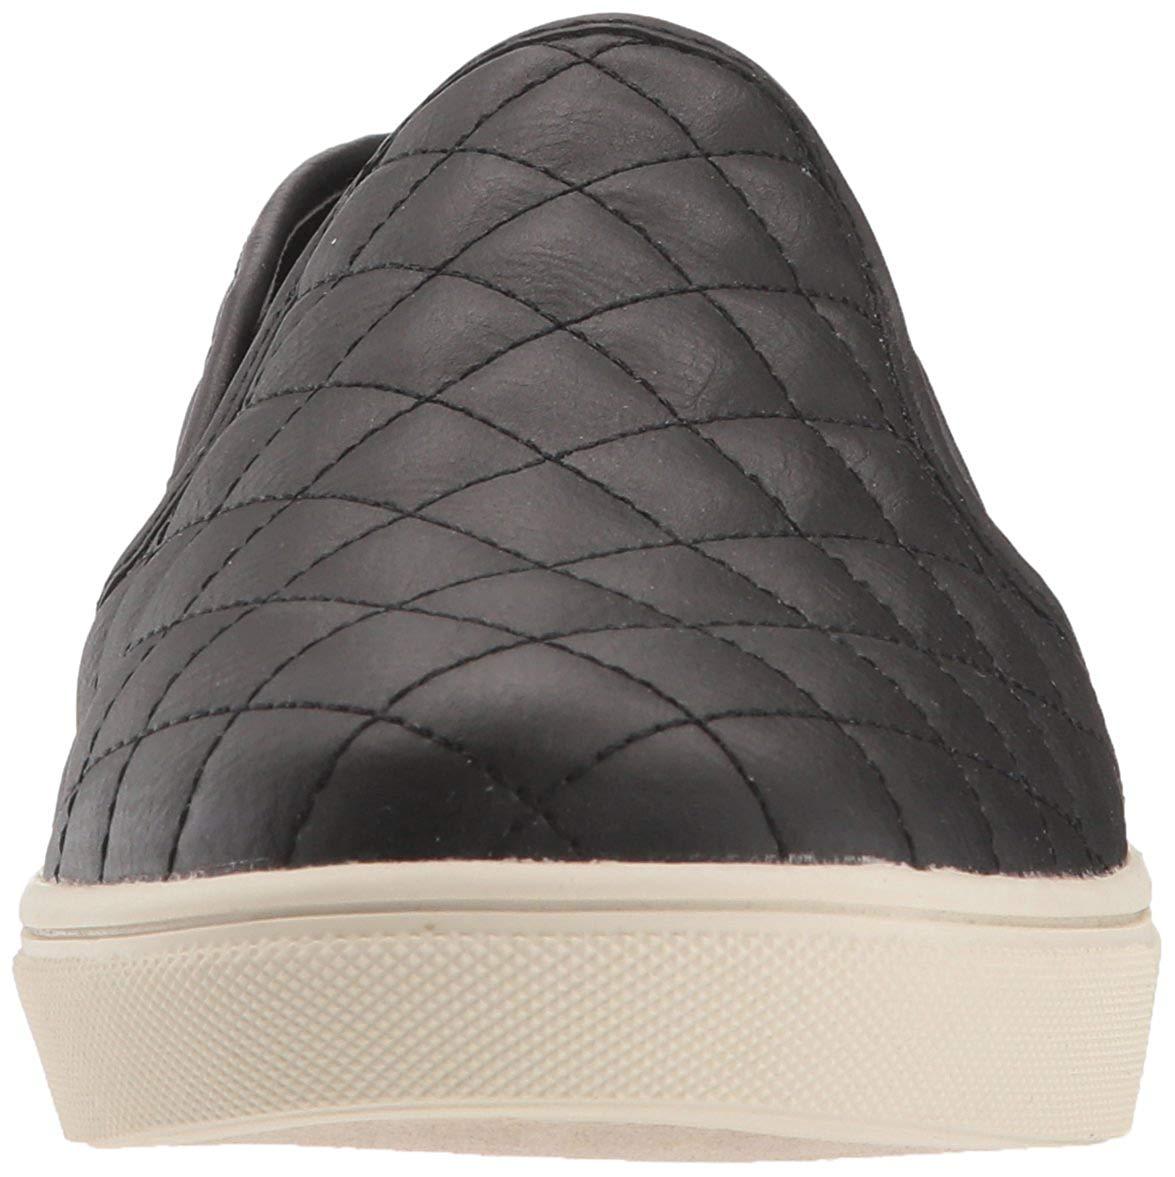 Madden Chaussures Steve A Ecentrcq Sport De Femmes Mode La HwZ5x